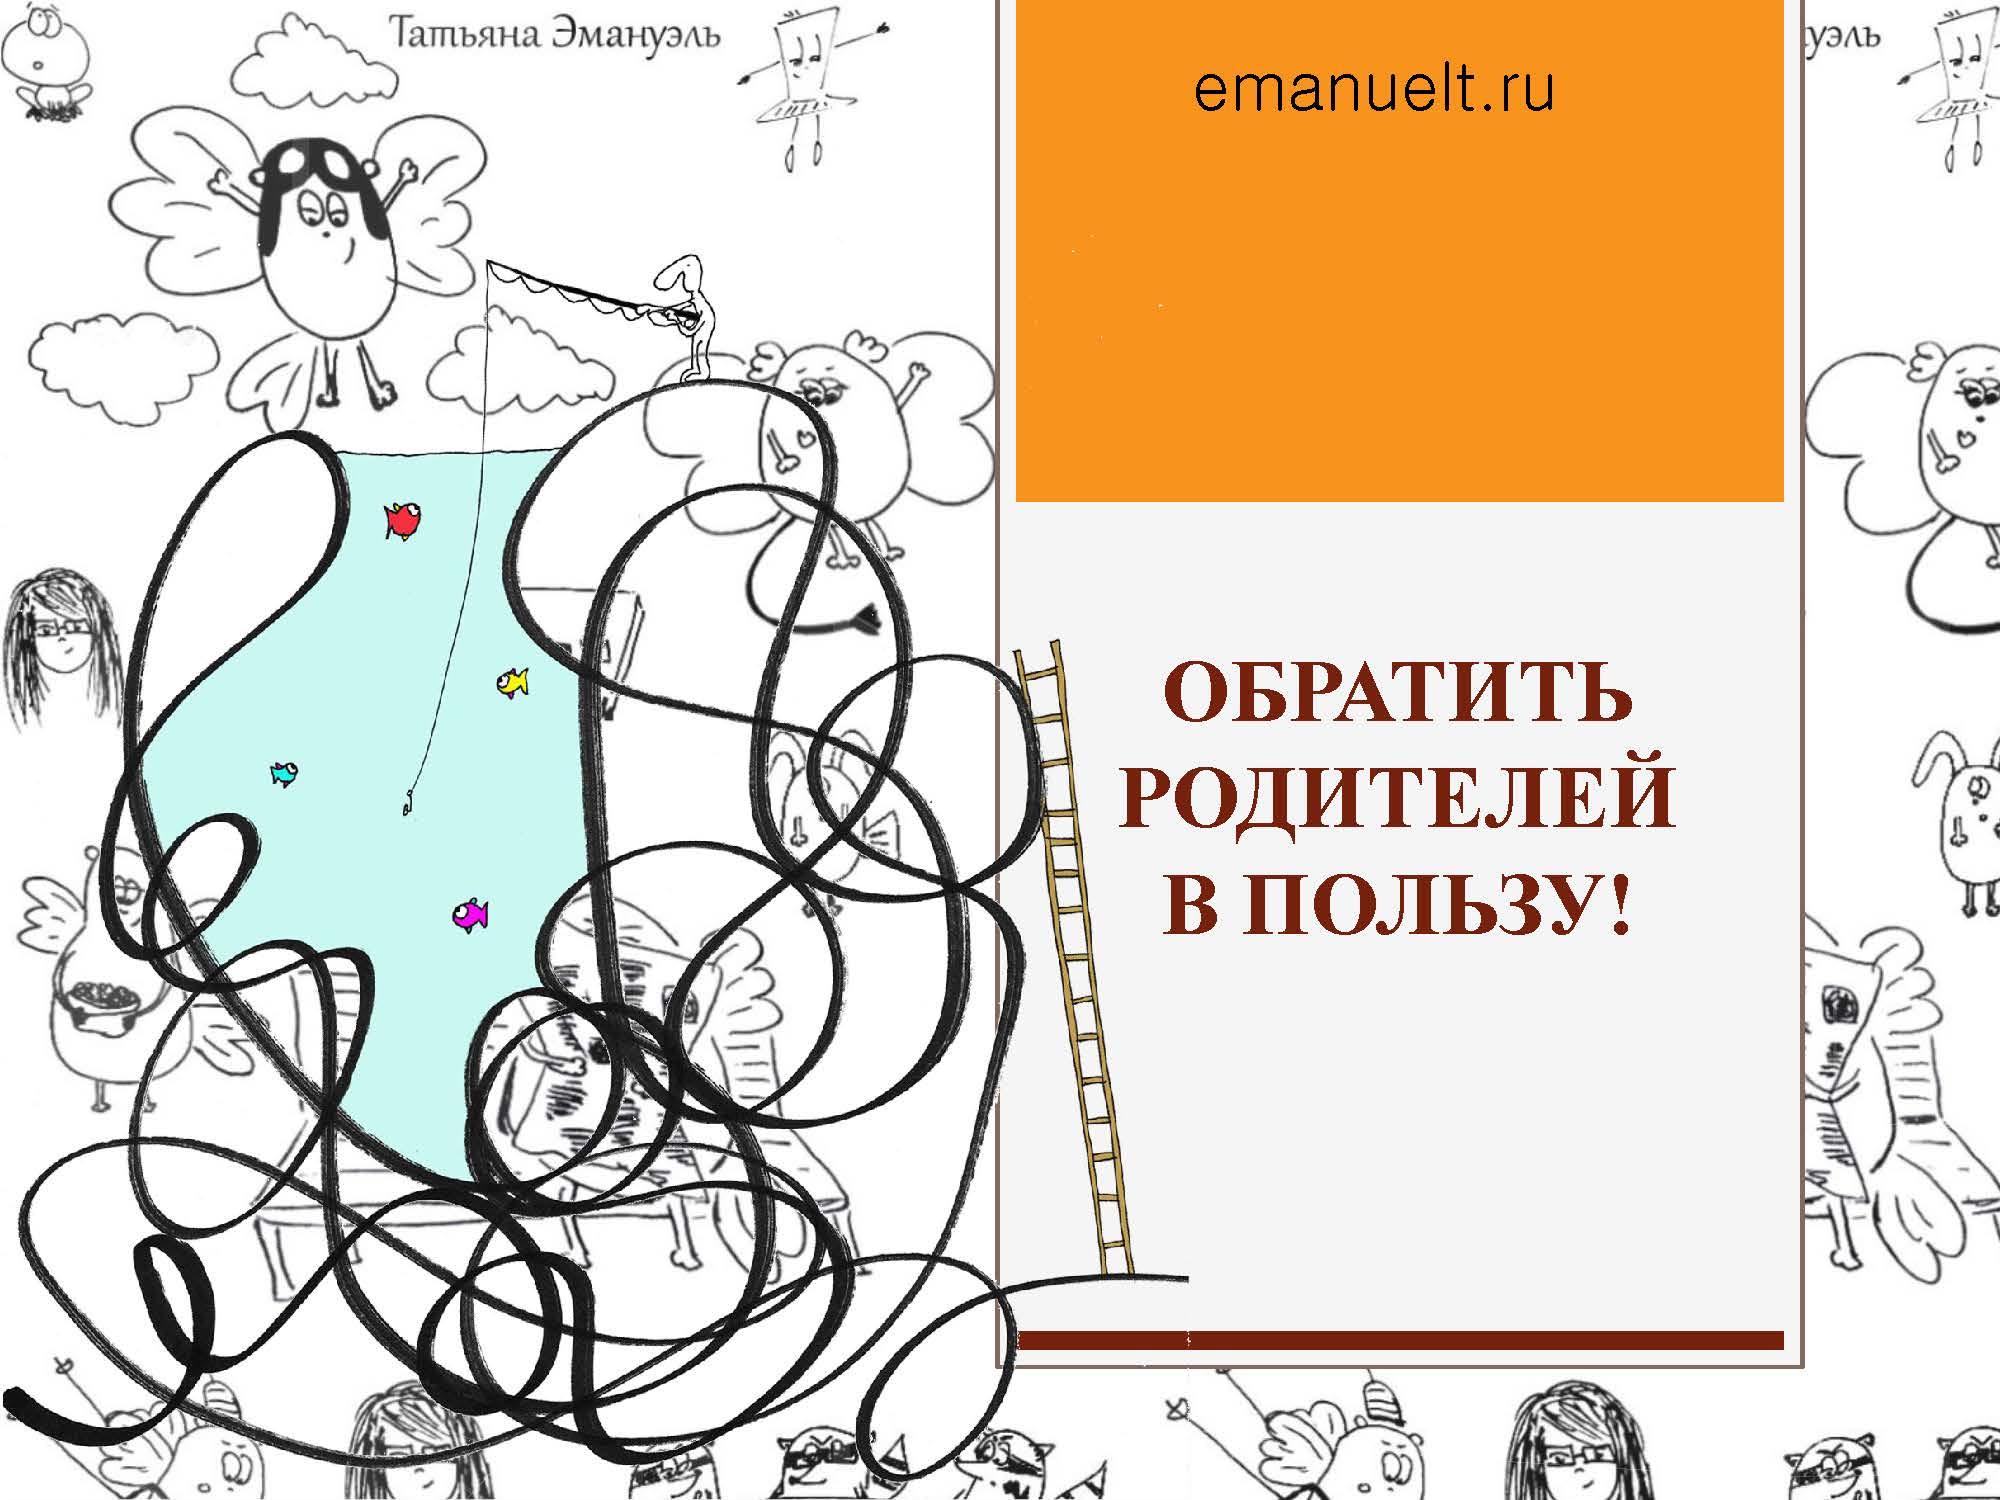 секция 8. Эмануэль Т.С., Московский район_Страница_18